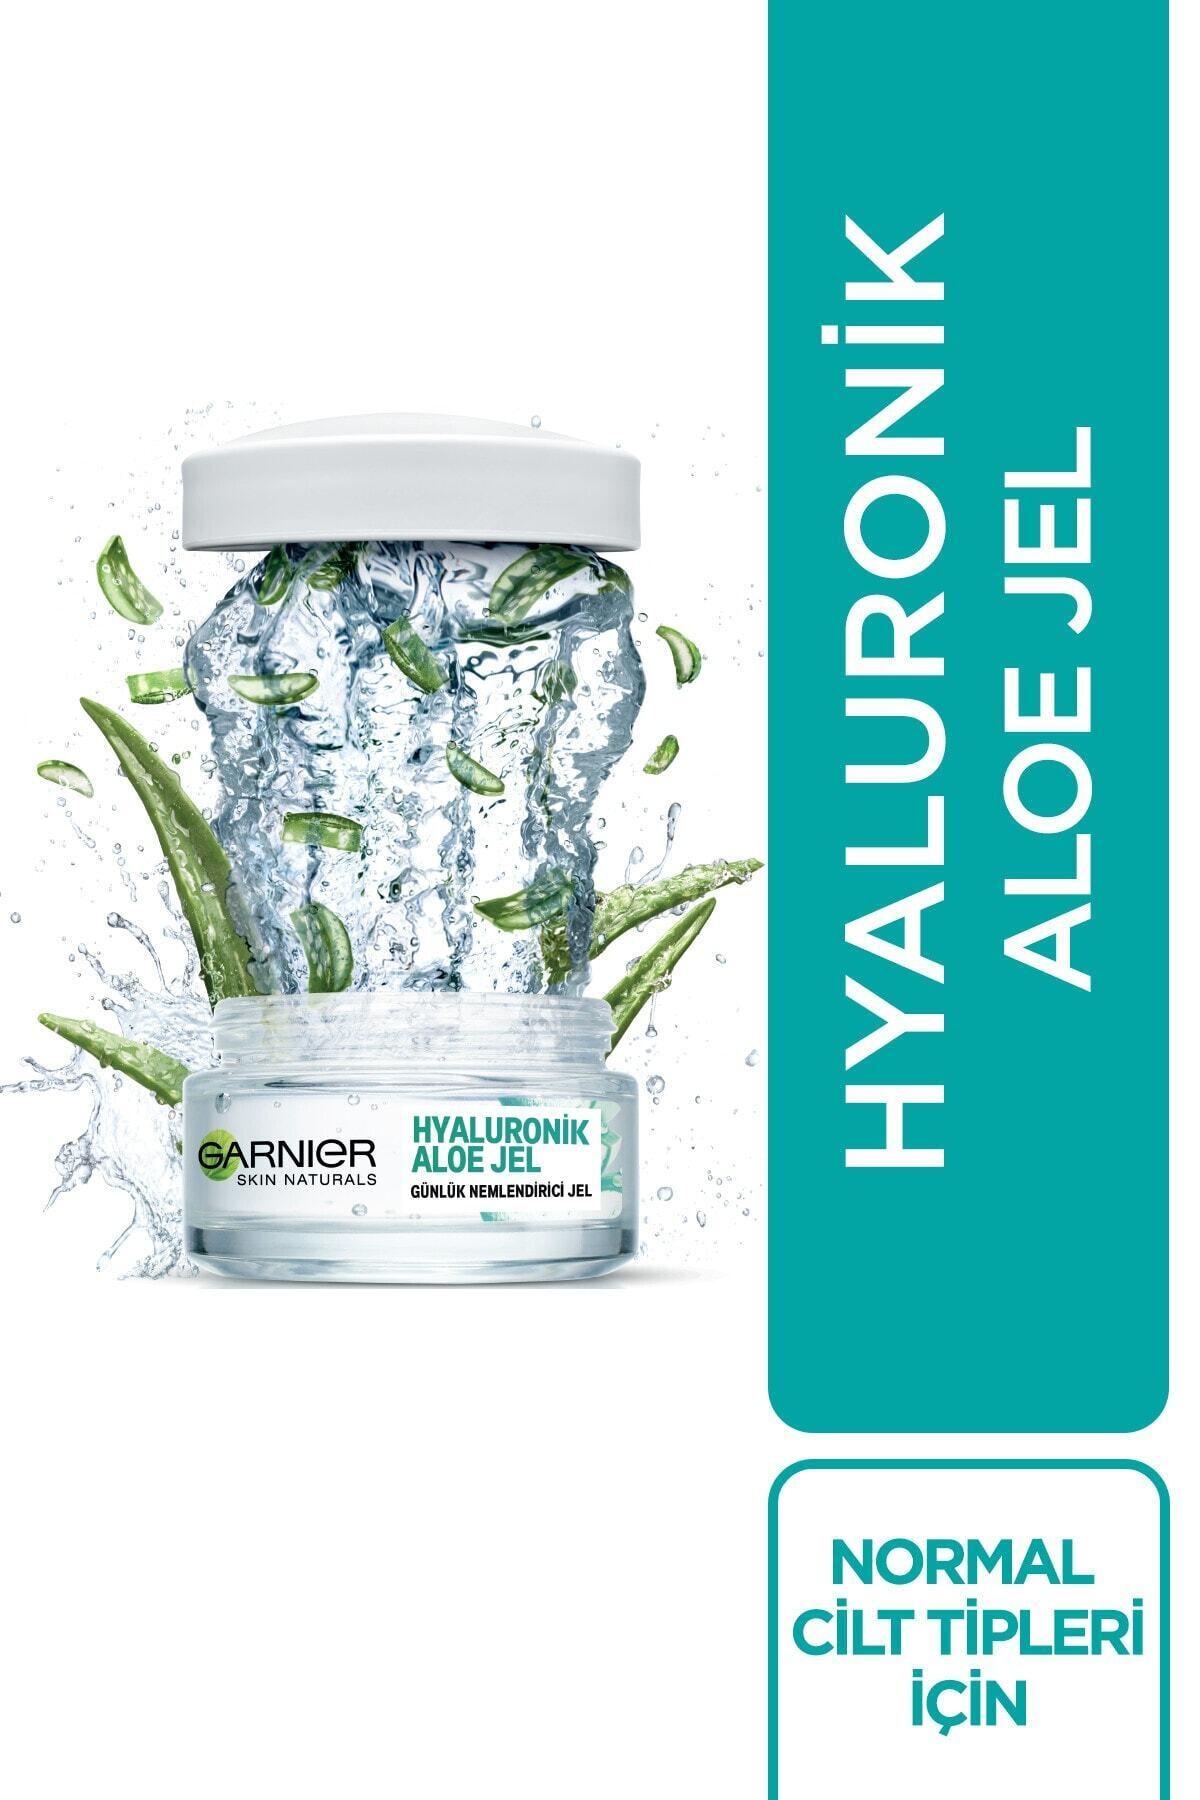 Garnier Hyaluronik Aloe Jel - Günlük Nemlendirici Jel 50 Ml 1